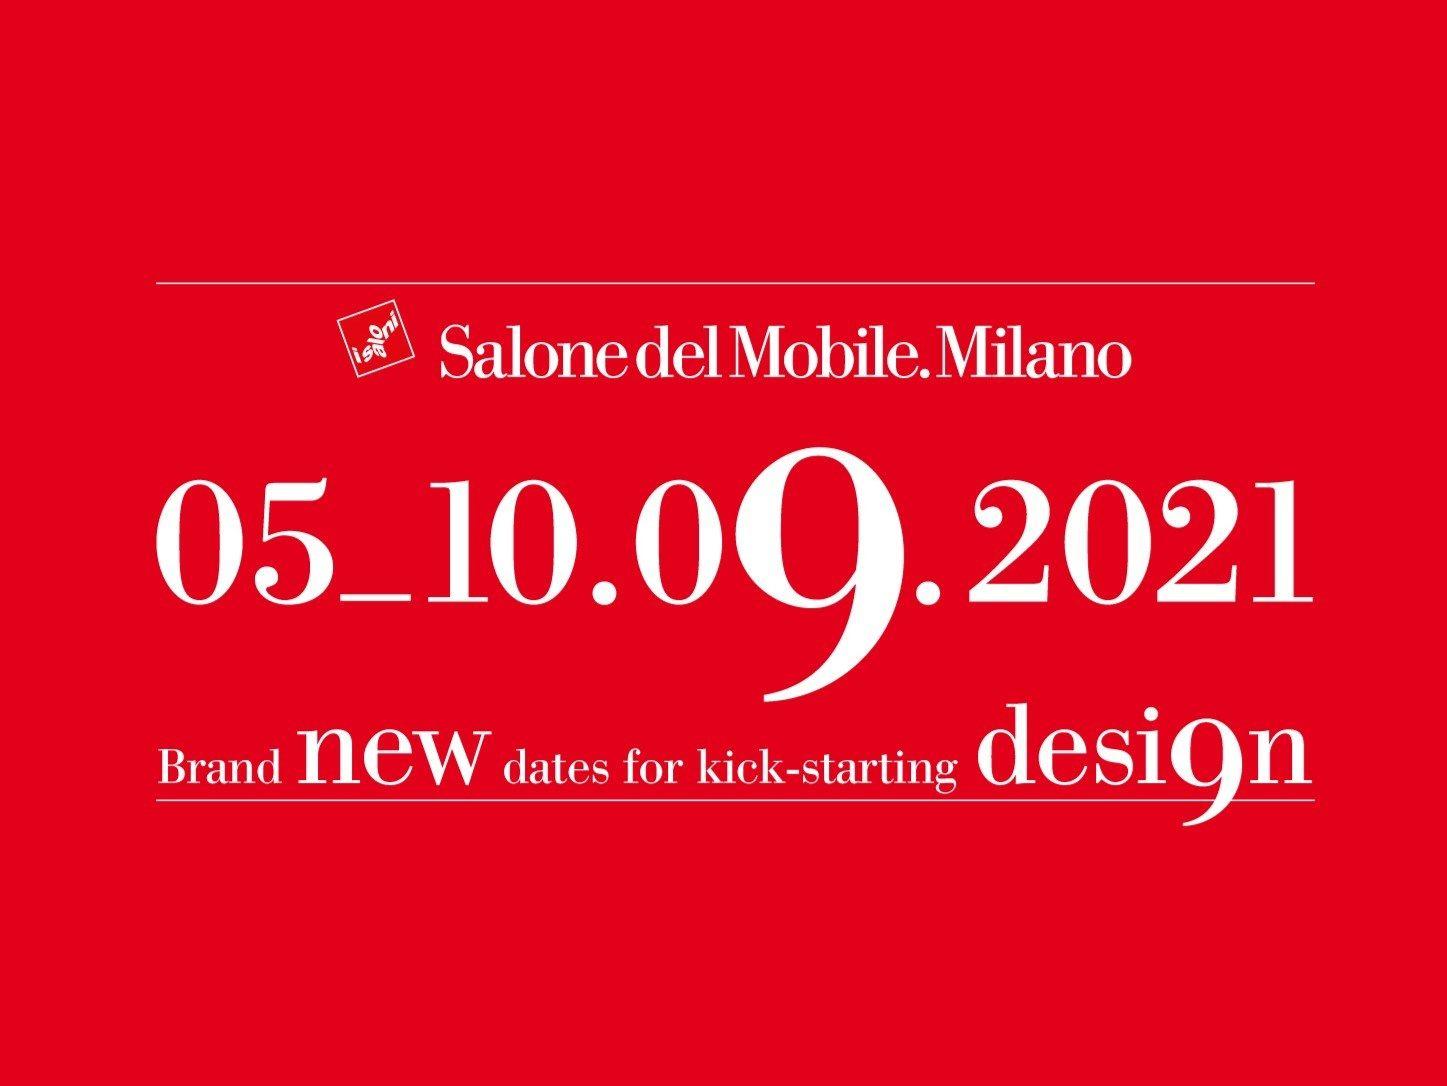 Il Salone del Mobile.Milano 2021 sarà a Settembre